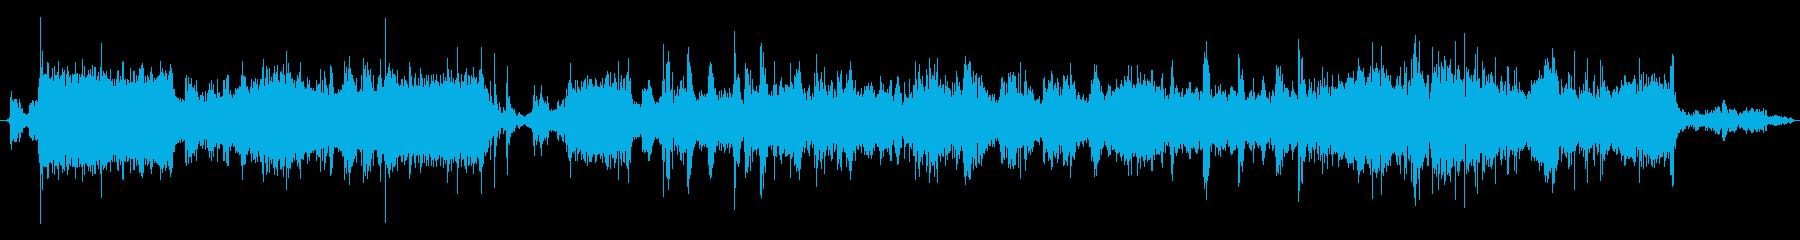 キッチン シンク水流クリーン01の再生済みの波形